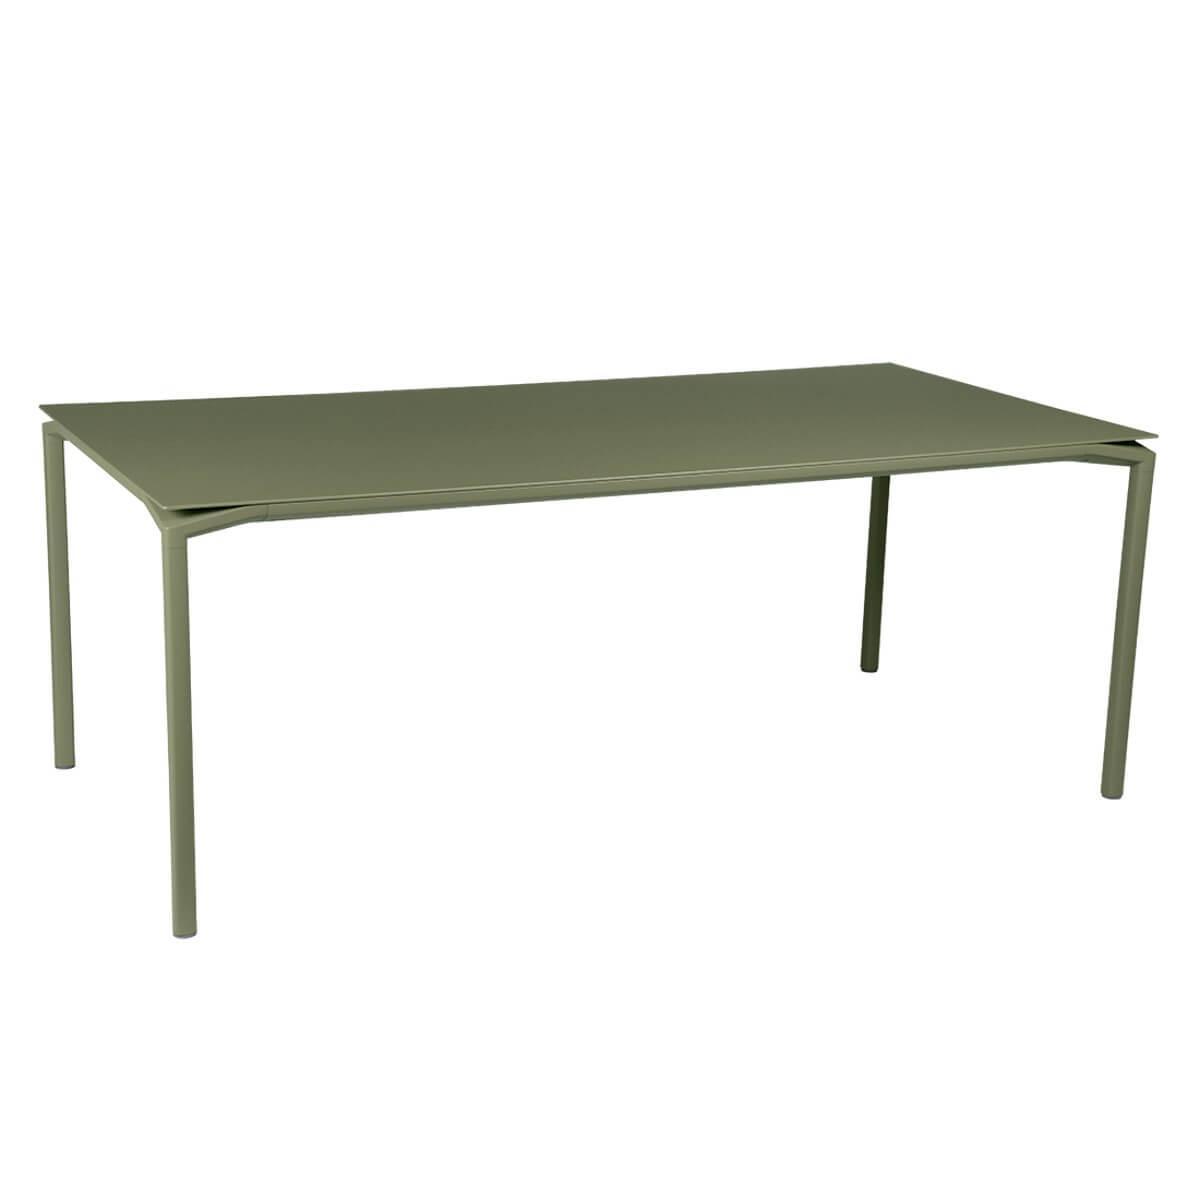 Table 95x195cm CALVI Fermob  vert cactus